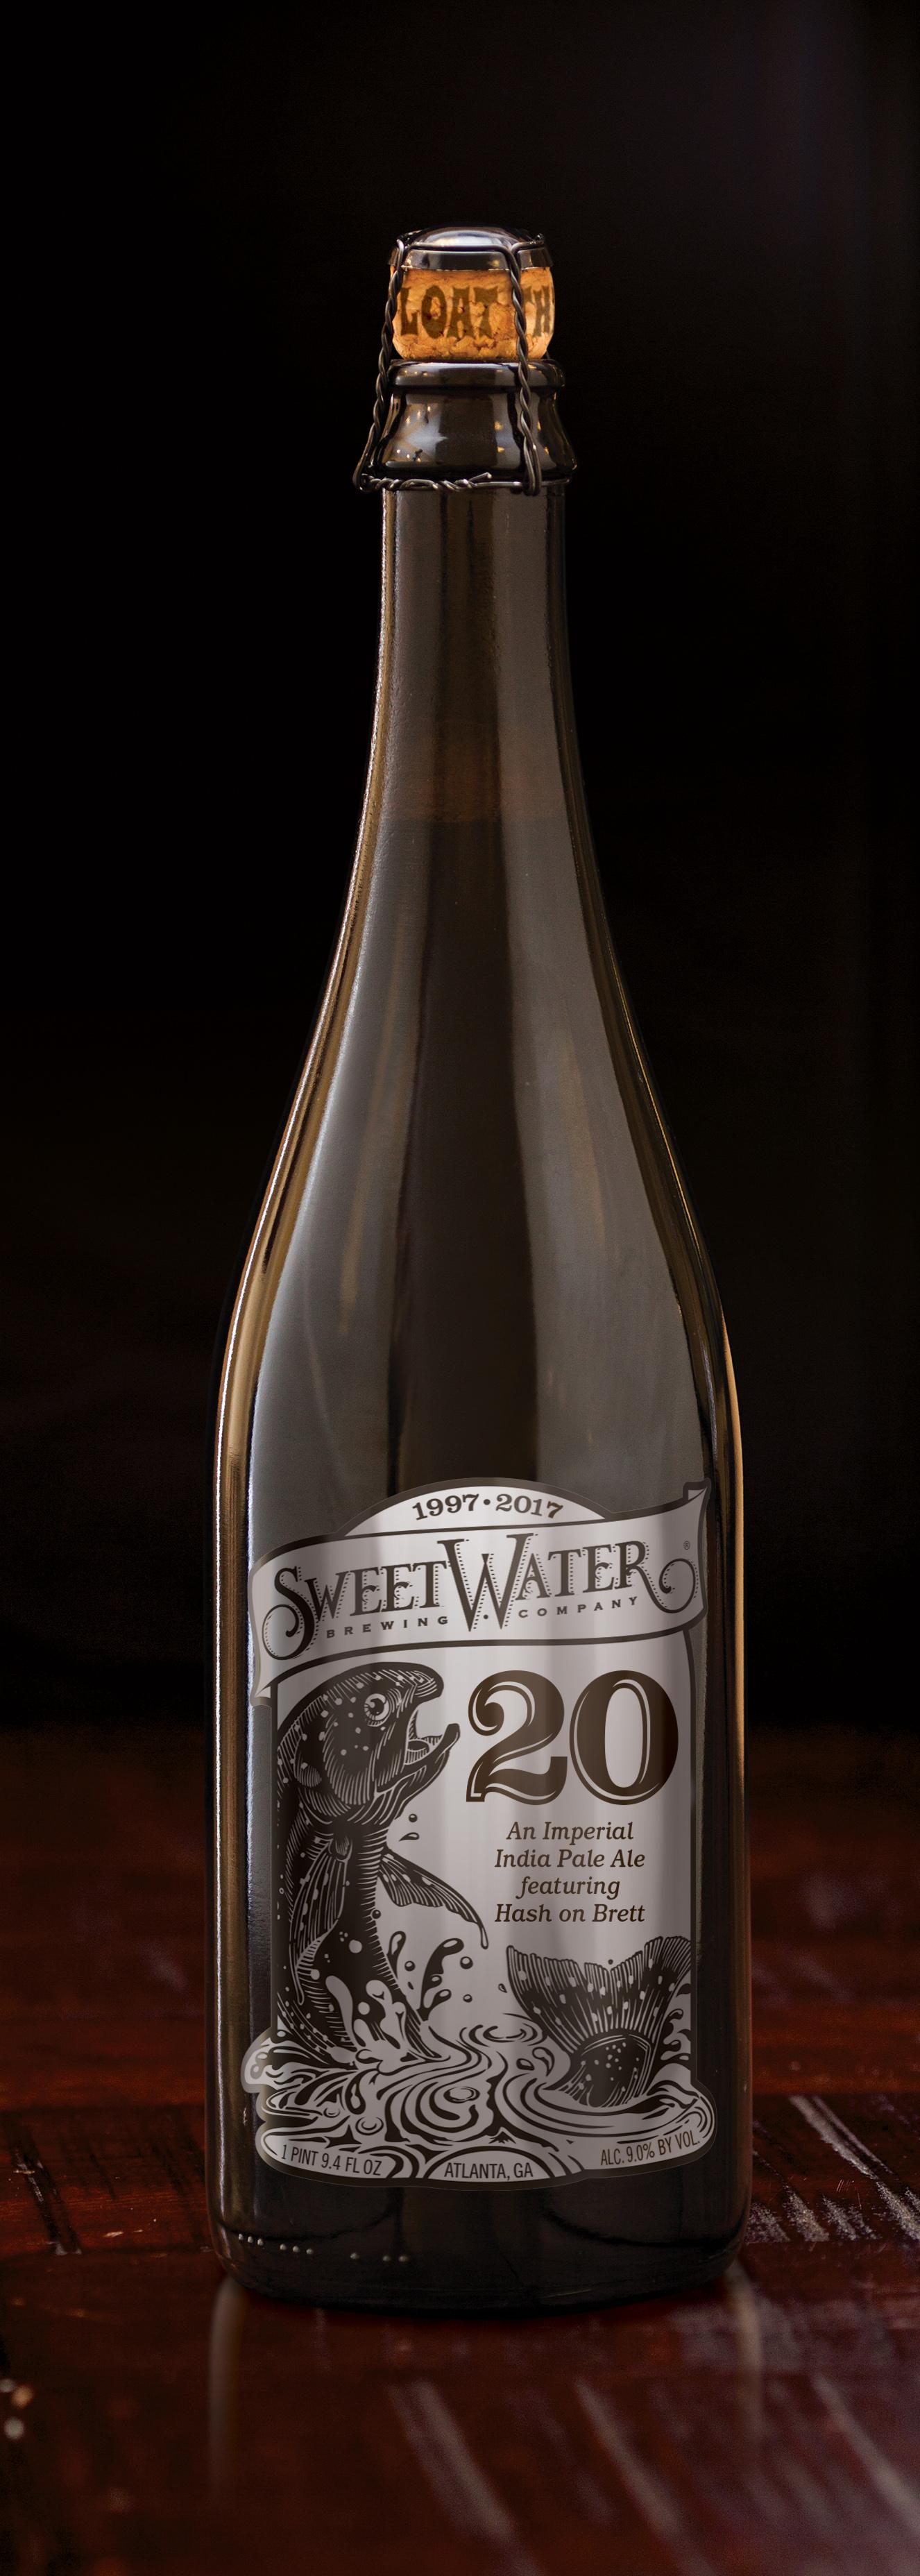 20thanniversary-bottle-crop-161128-01